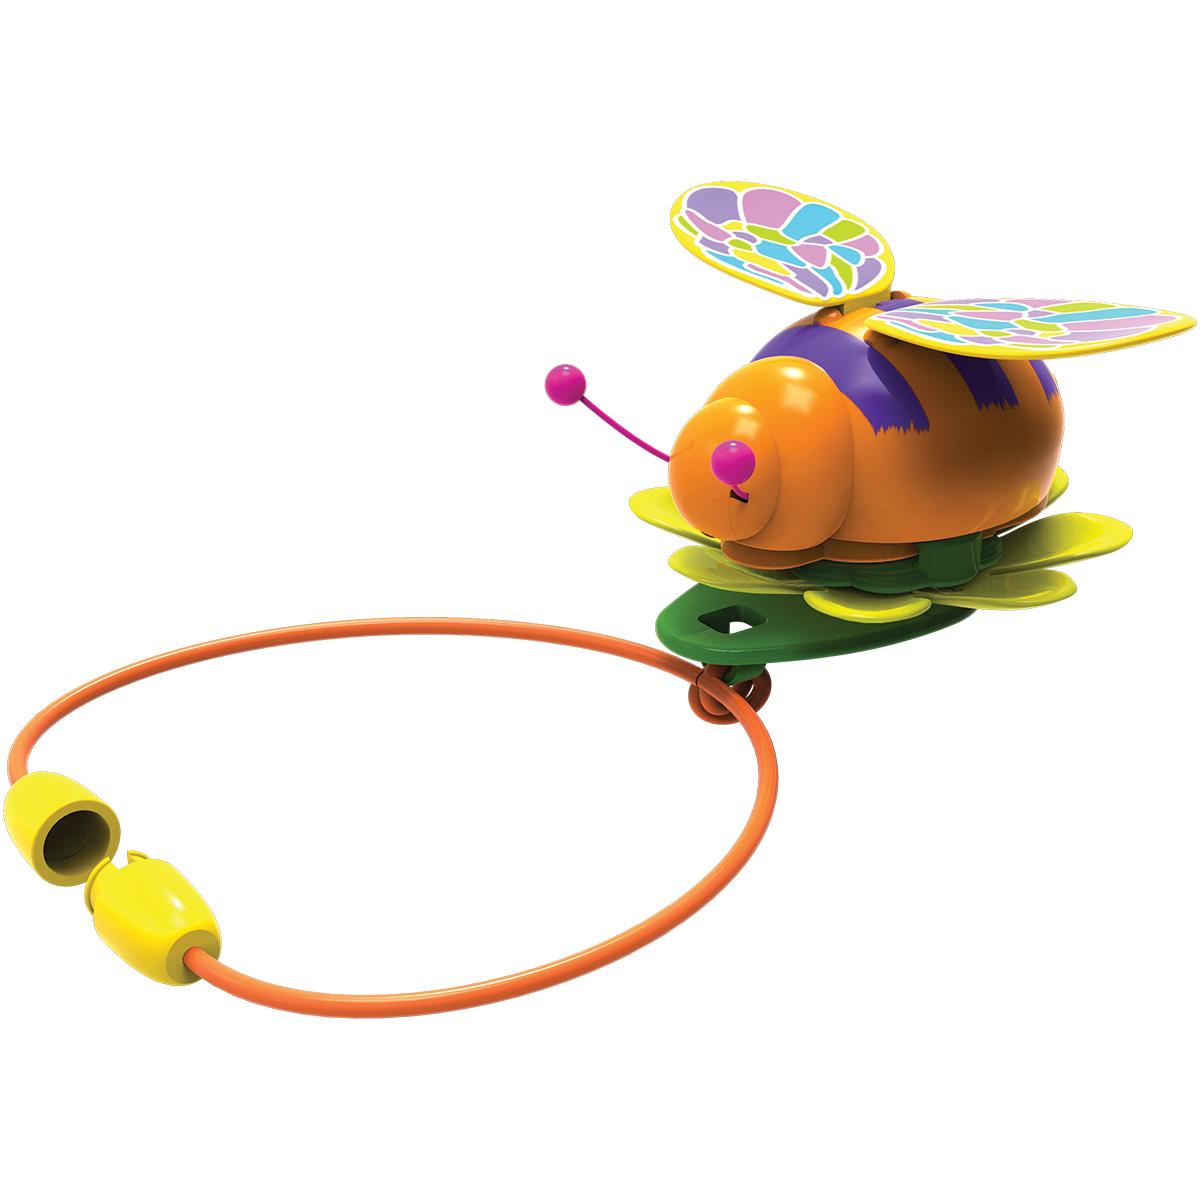 Интерактивная игрушка - Волшебный жучок с ожерельемПрочие интерактивные игрушки<br>Интерактивная игрушка - Волшебный жучок с ожерельем<br>